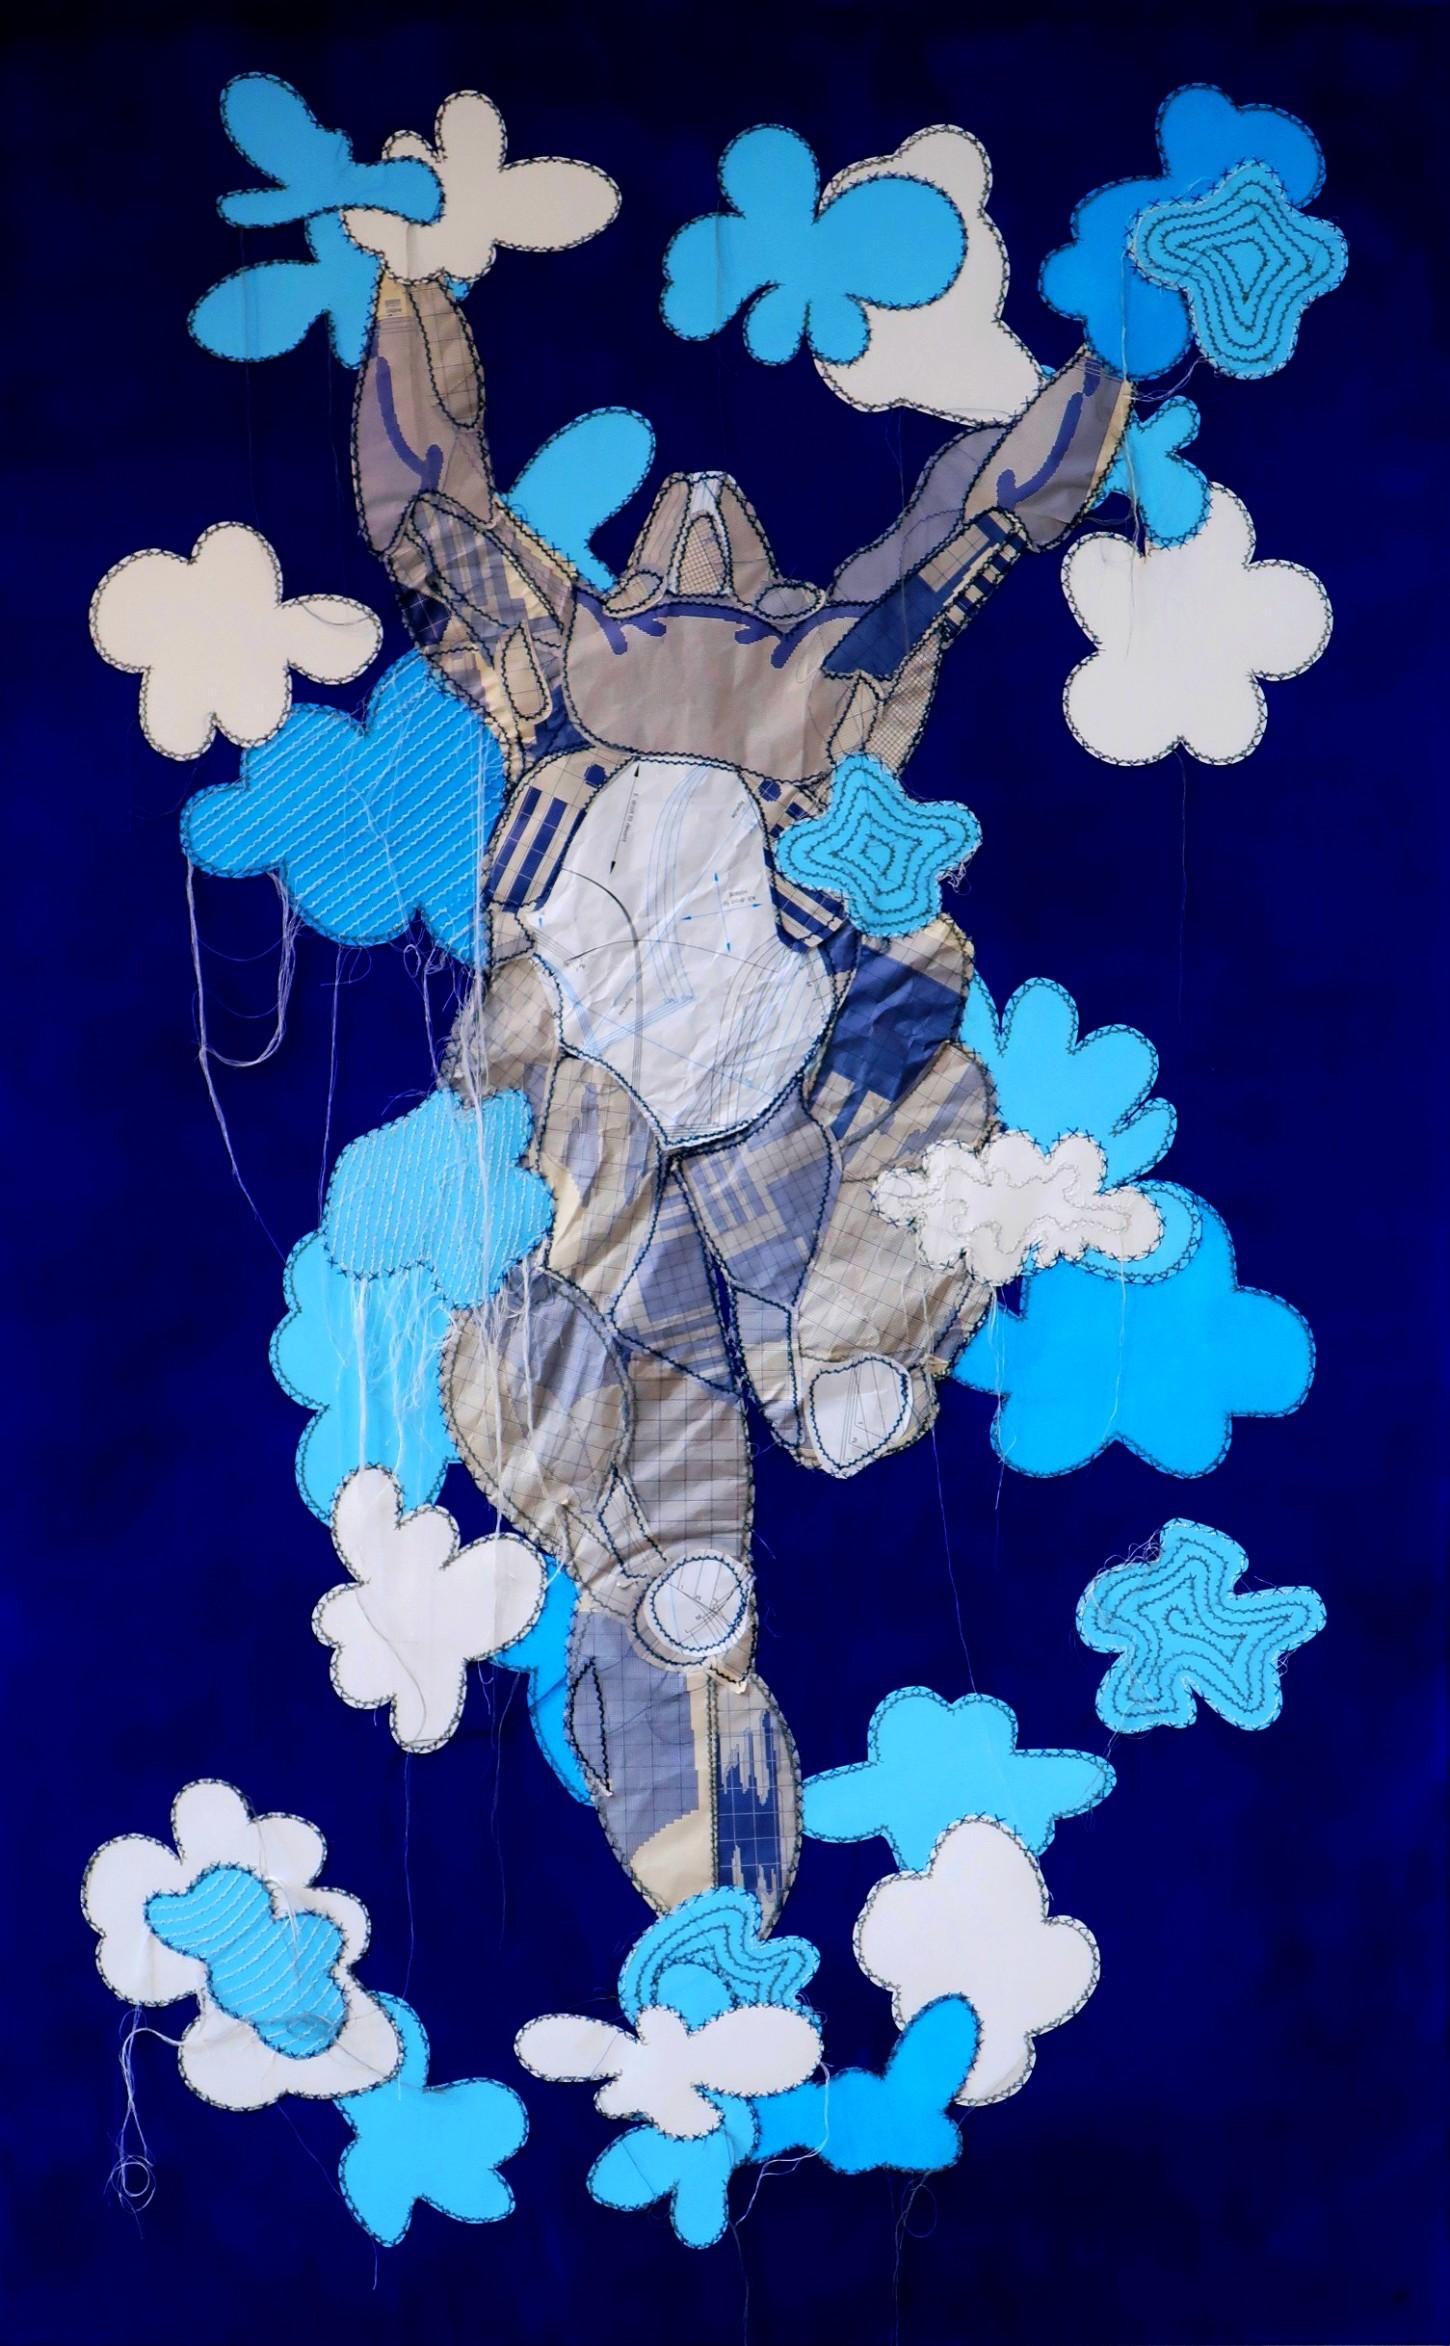 Fils blancs,gris,bleus, papiers, patrons, peinture sur toile 100x160cm